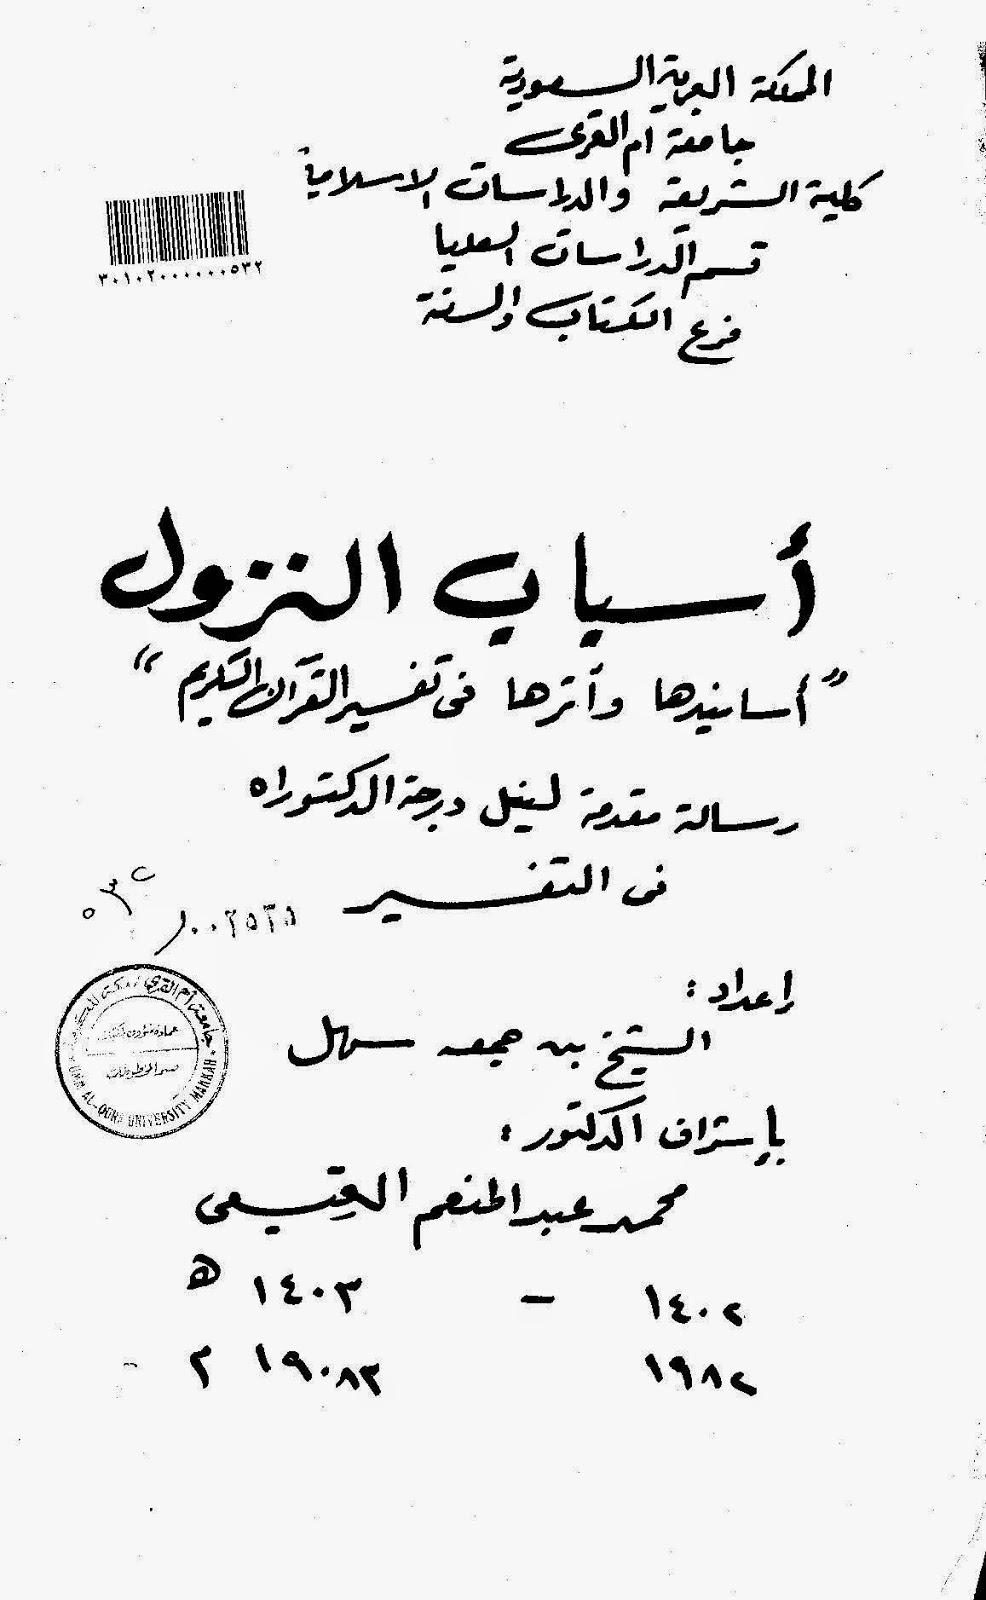 أسباب النزول: أسانيدها وأثرها في تفسير القرآن الكريم - رسالة دكتوراه pdf